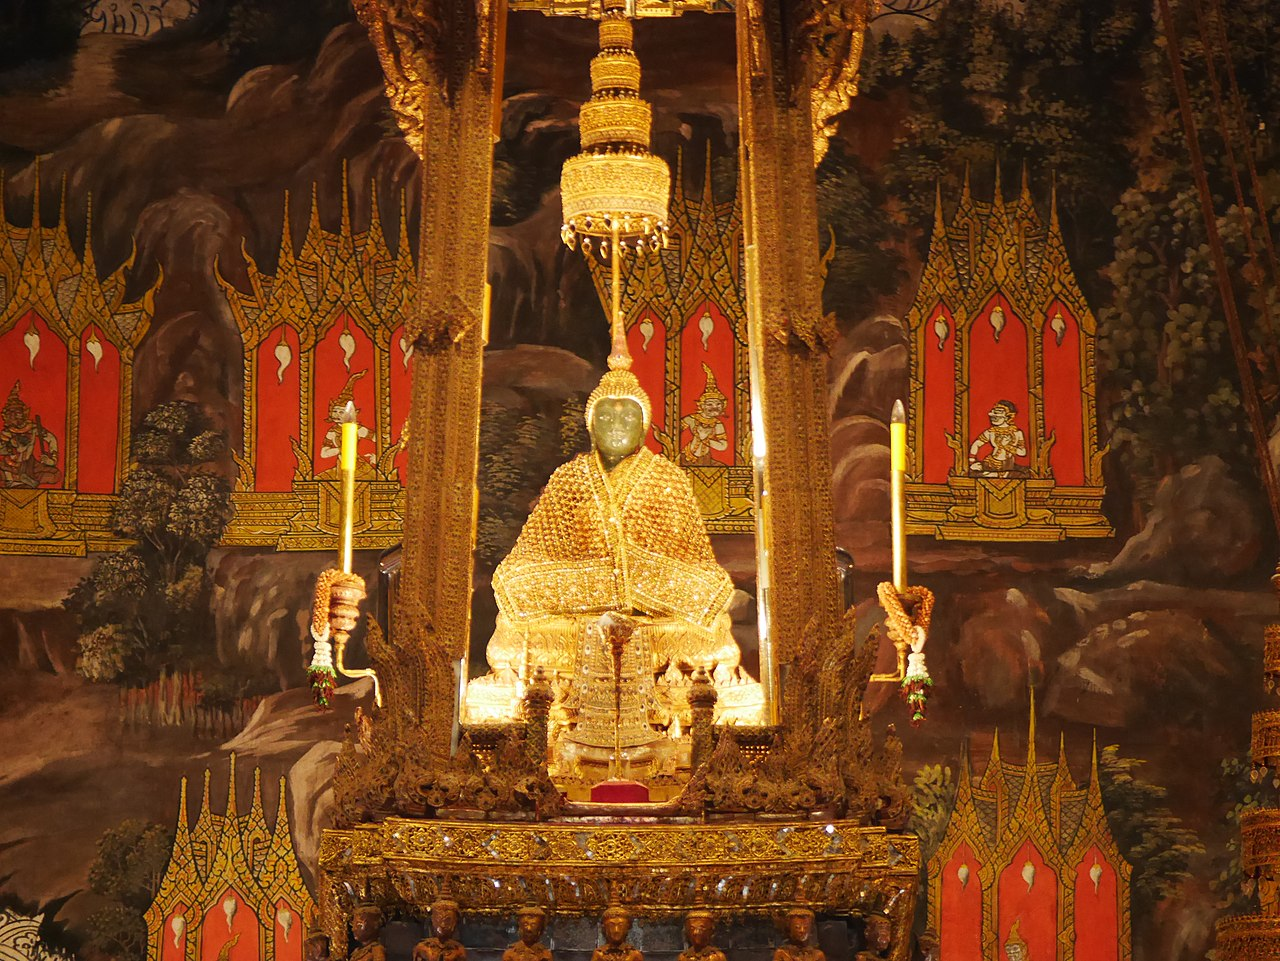 Emerald Buddha Statue in Bangkok